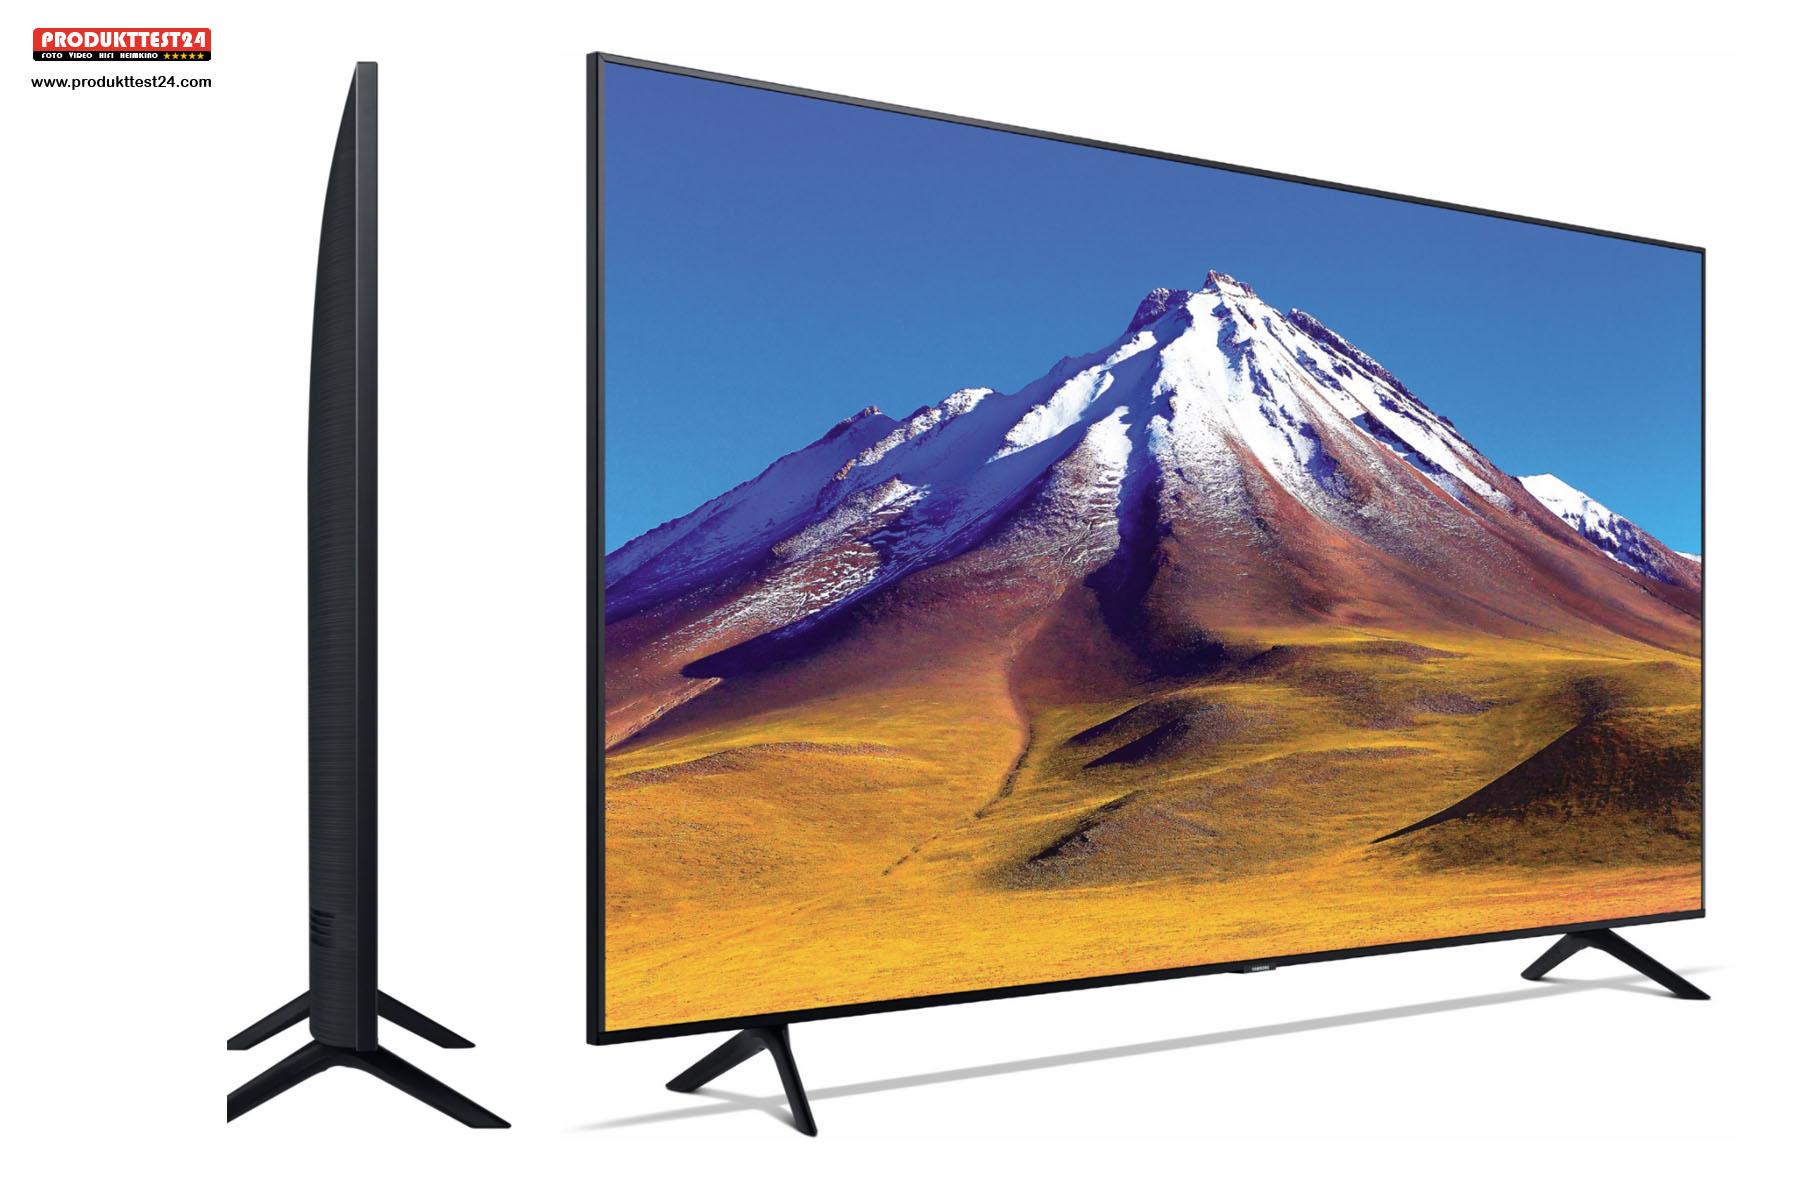 Der günstigste 65 Zoll Fernseher von Samsung